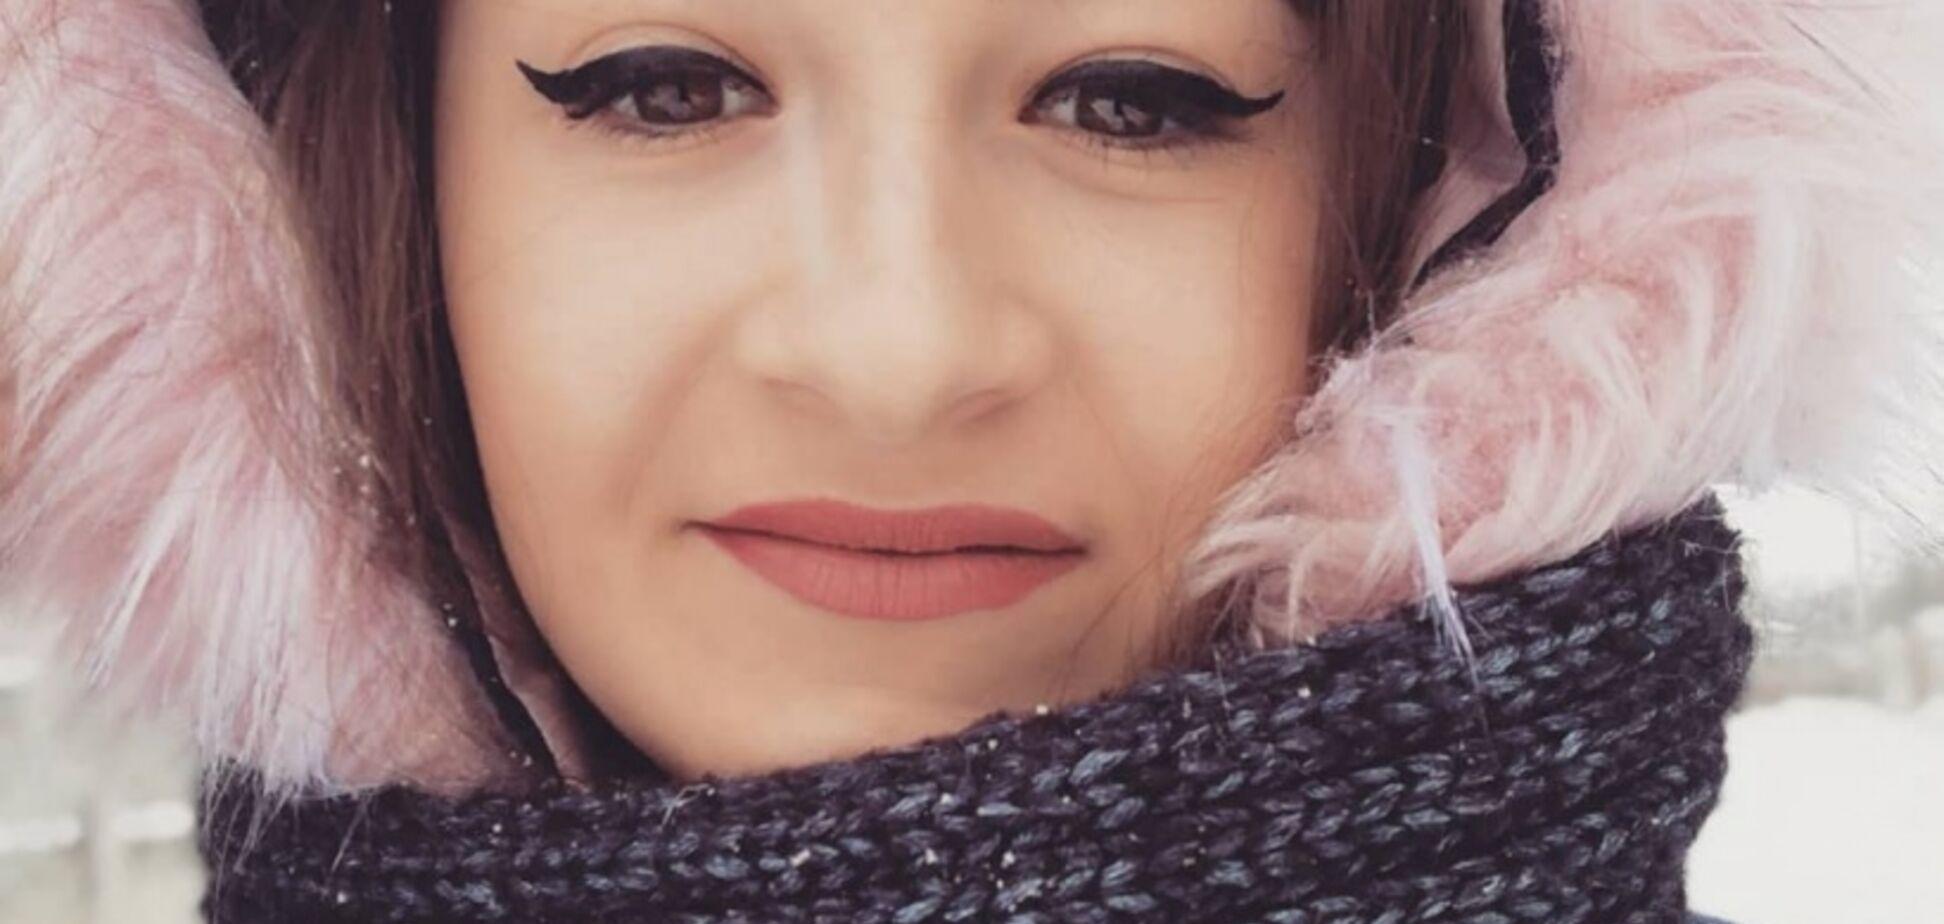 Убийство семьи в Житомире: появились жуткие подробности и фото жертв